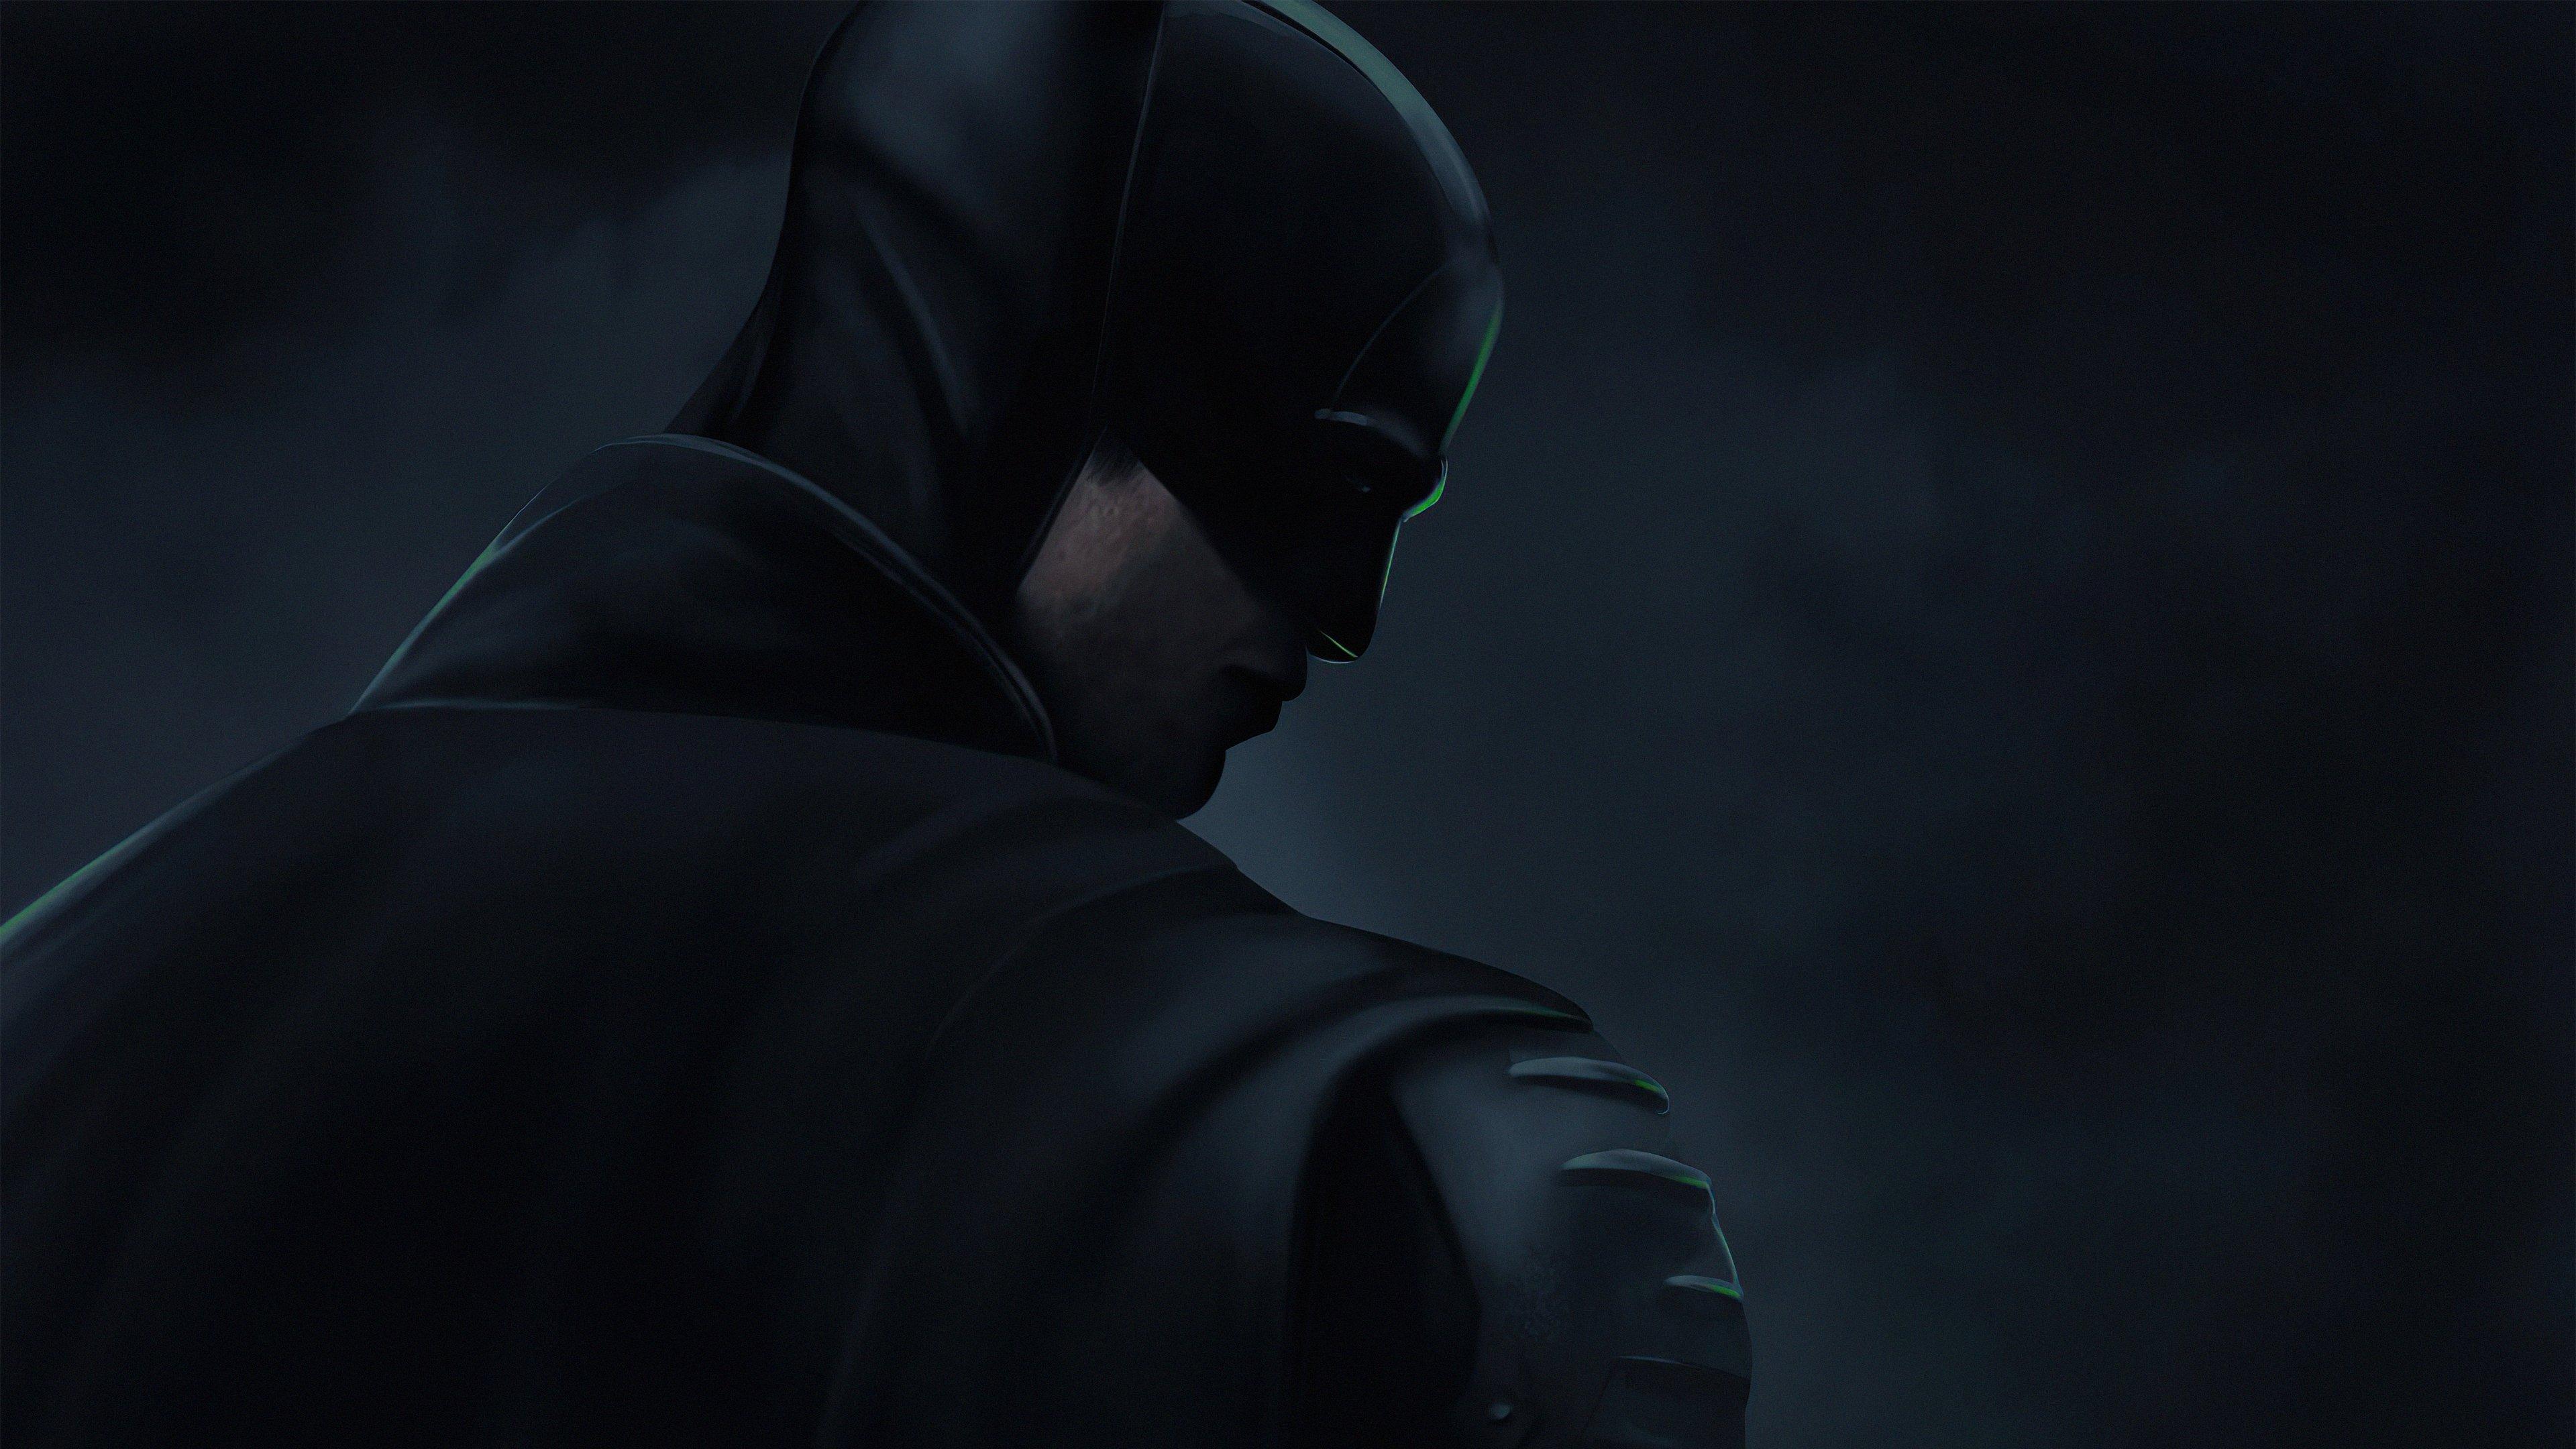 Fondos de pantalla The Batman 2022